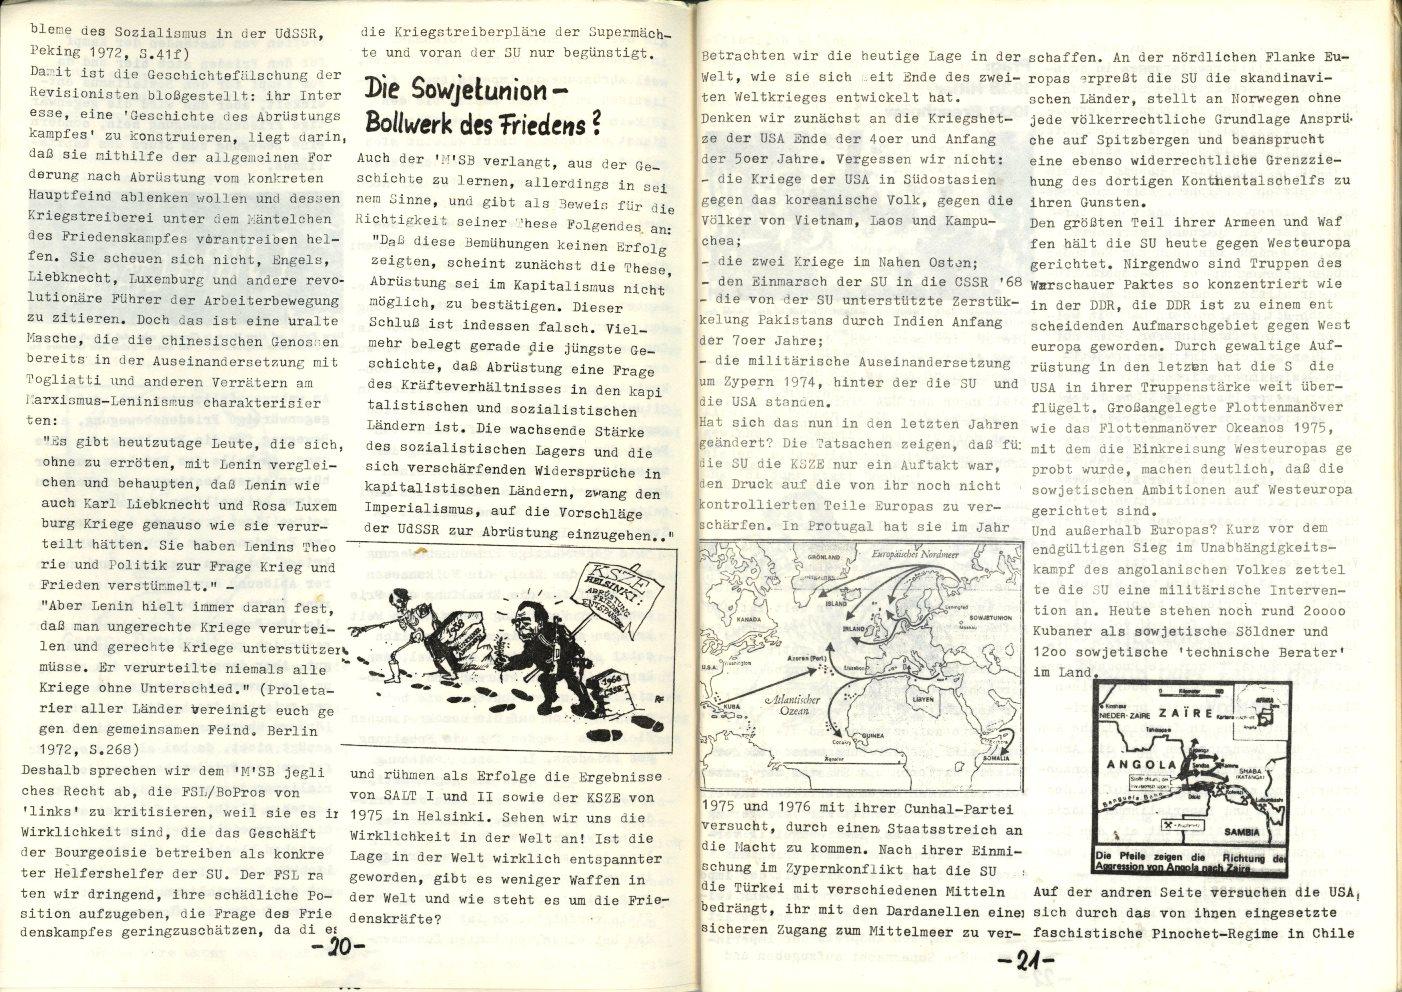 NRW_KSV_1977_Doku_zu_den_AStA_Wahlen_Nr_2_11